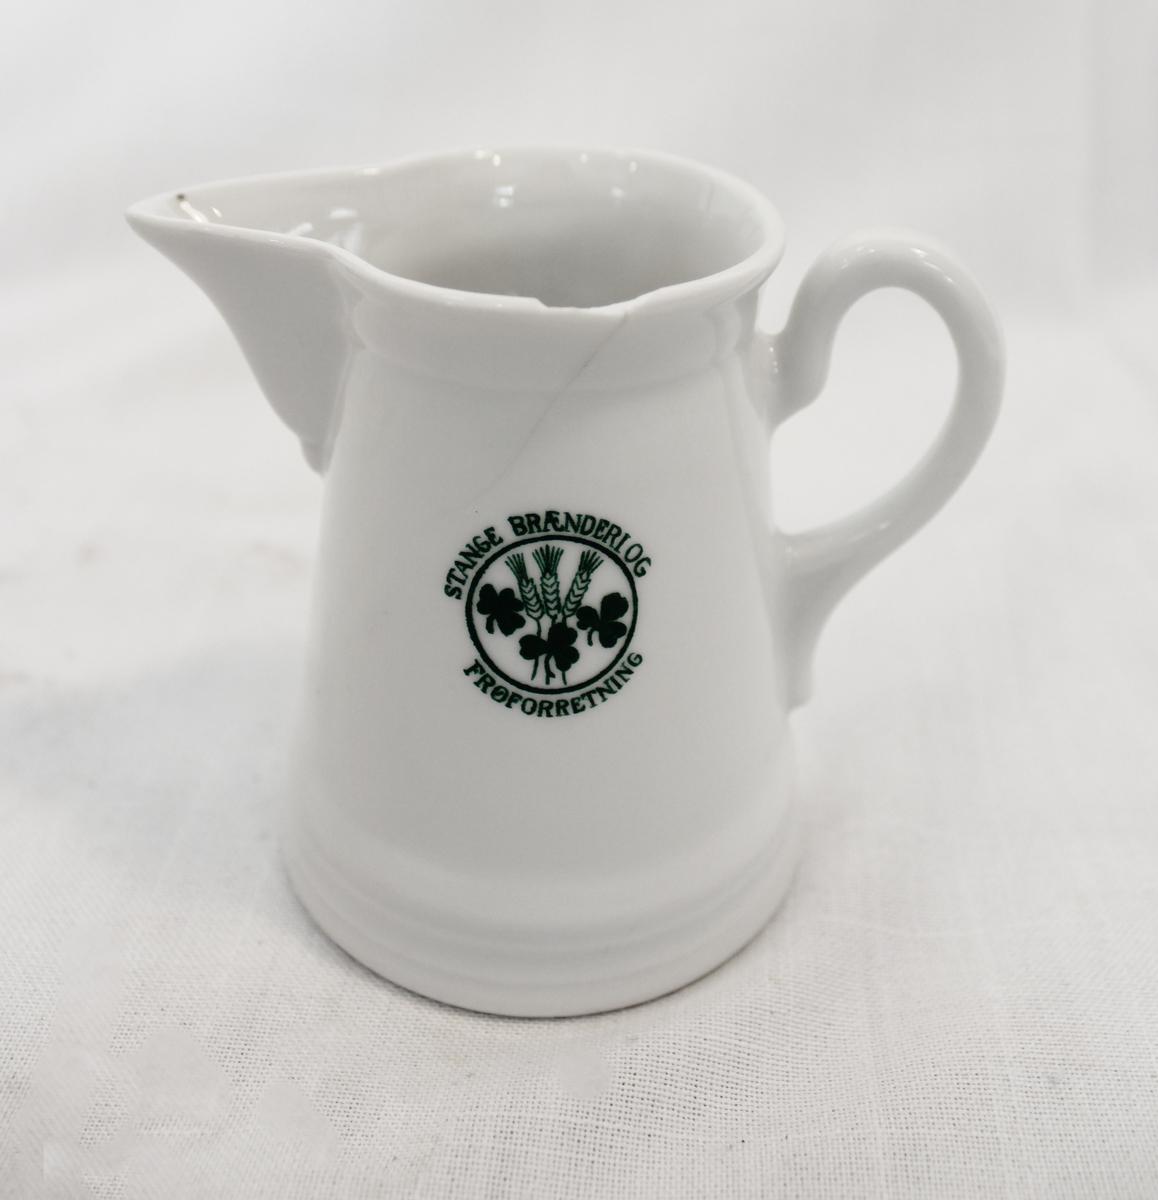 46 store tallerkener, 2 dype tallerkener, 5 koppasjetter med 1 tilhørende kopp (mangler 1 av 2 slike kopper), 2 spiseasjetter, 1 te-/kaffekanne, 1 sausenebb, 1 fløtemugge, 1 sukkerkopp, 1 serveringsfat og 1 serveringsbolle.   Firmamerket er påført alt porselenet. Det er laget ved Porsgrund Porselænsfabrik i 1929.   Fra samlingen etter Ole Gjestvang.